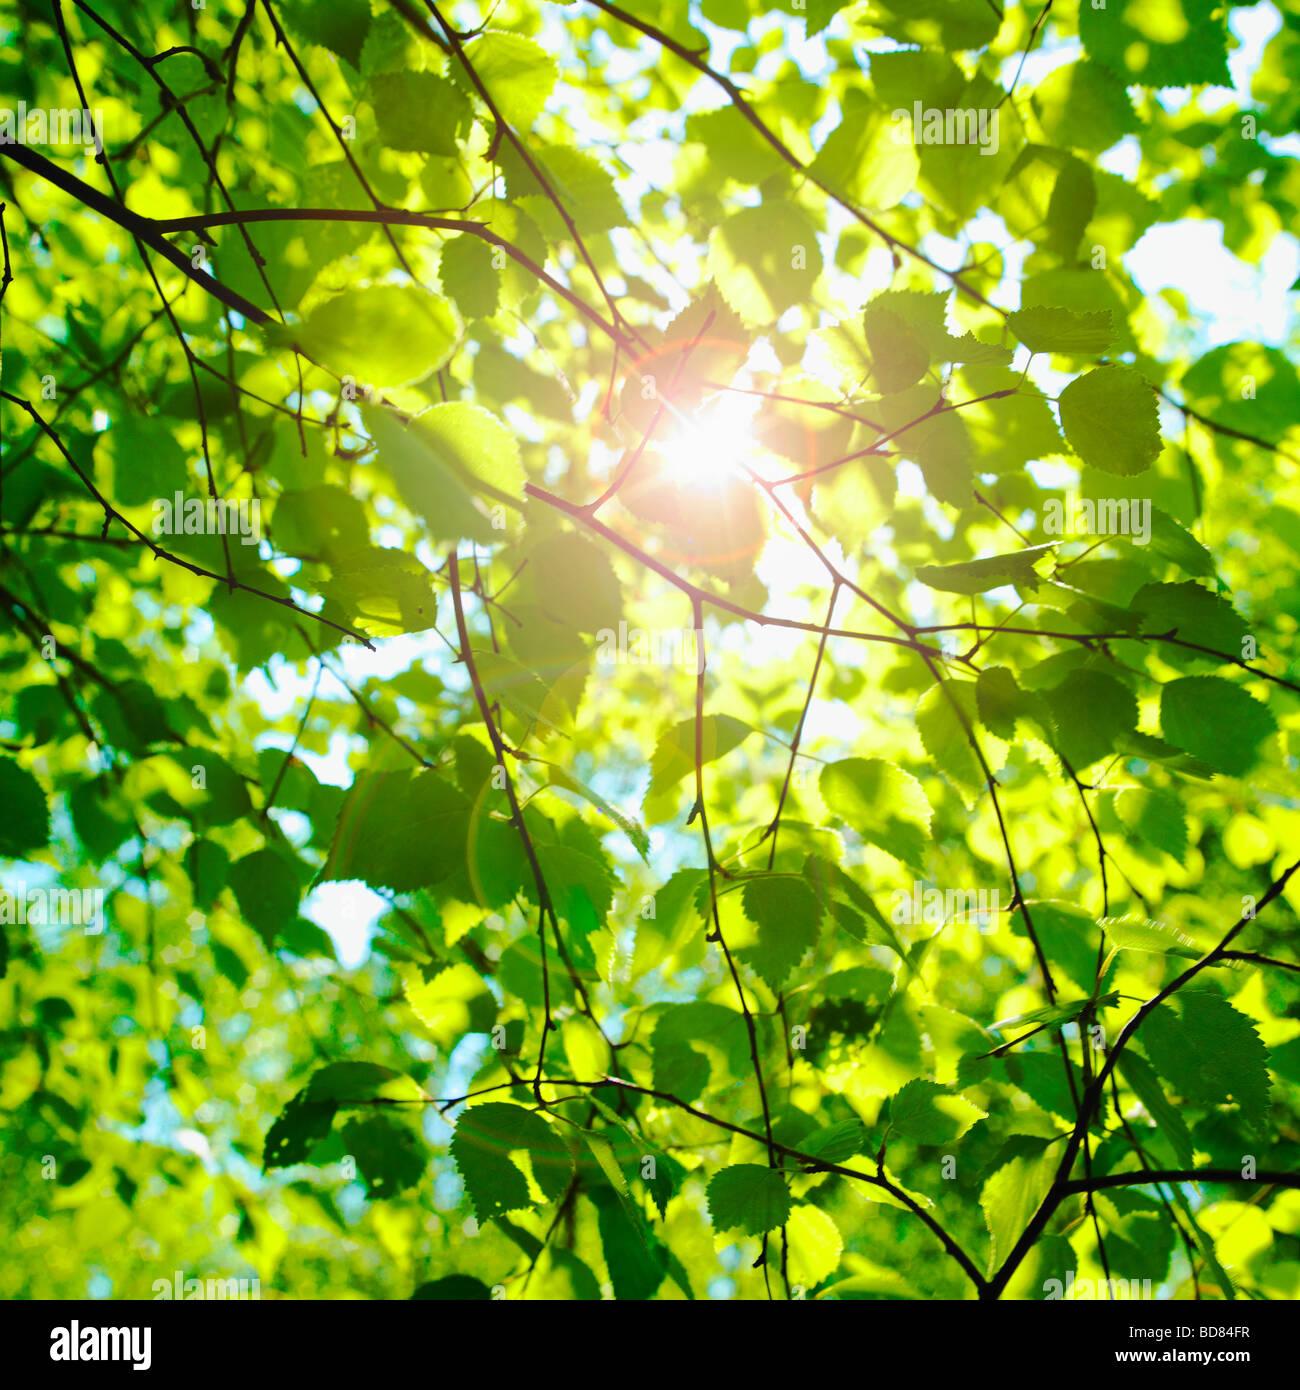 Sun glinting attraverso foglie di faggio in primavera. ( Fagus sylvatica ) Immagini Stock